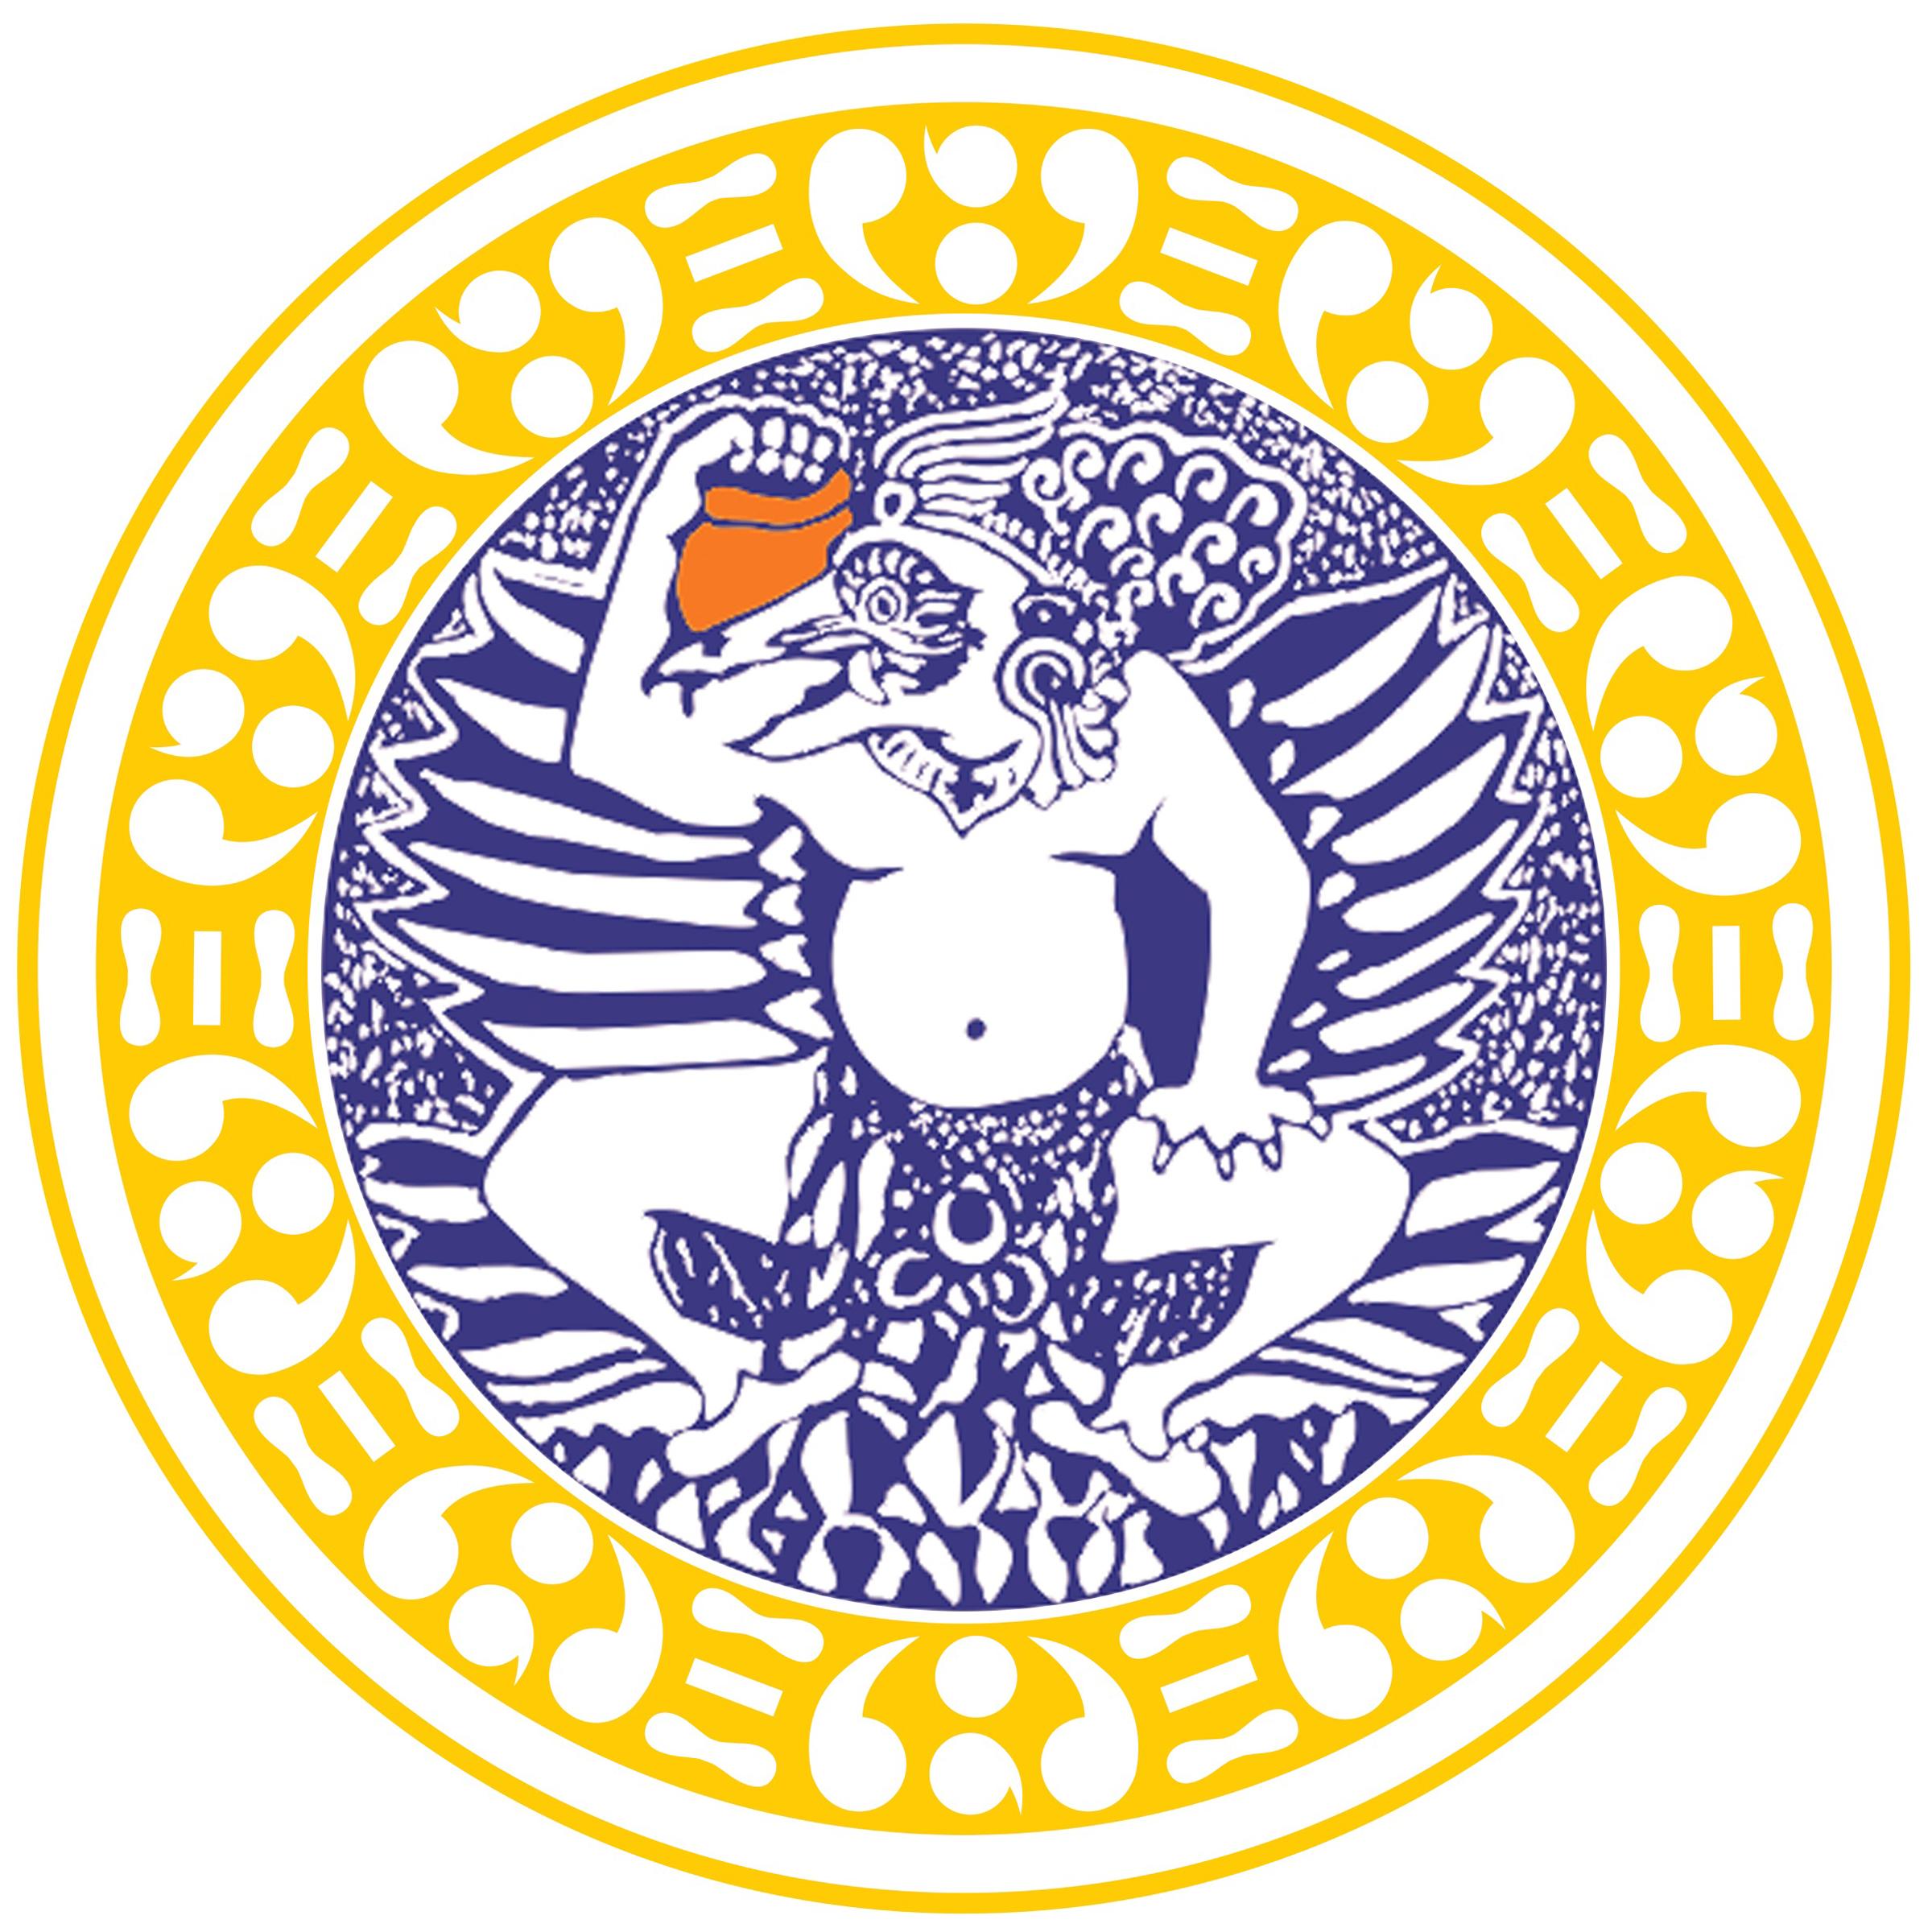 Logo Unair (Universitas Airlangga) Original